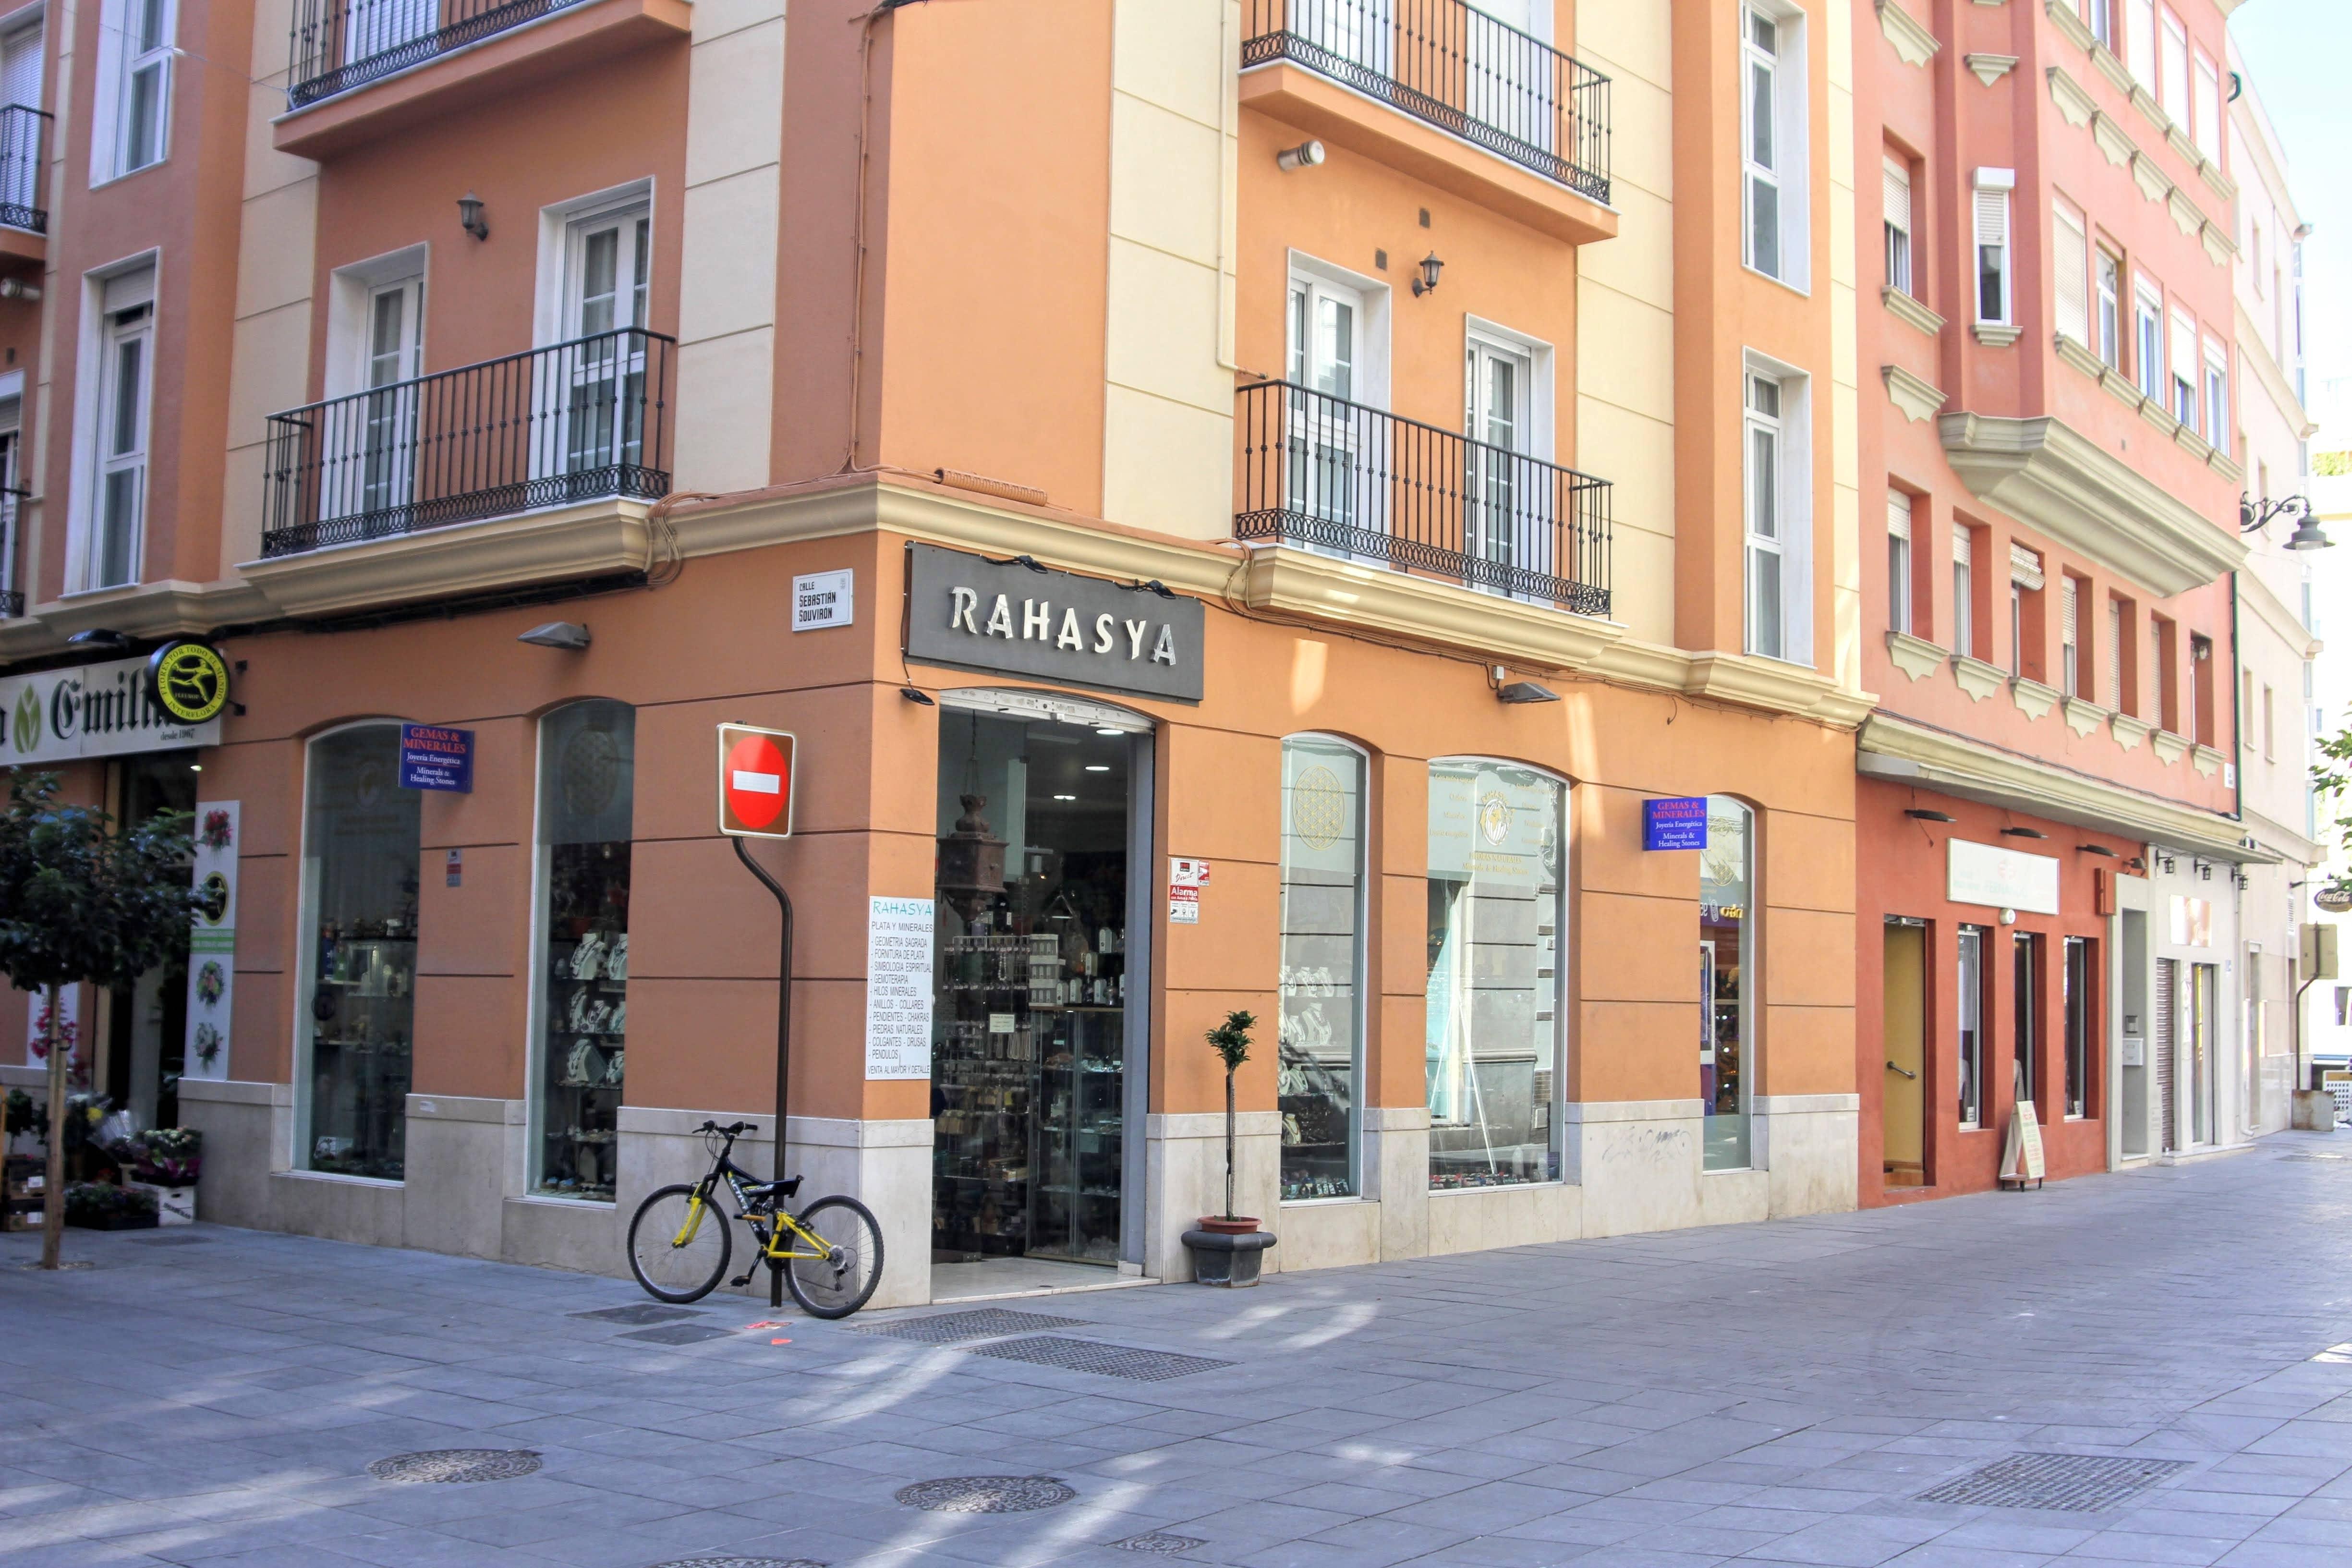 apartamento-centro-historico-atarazana5927